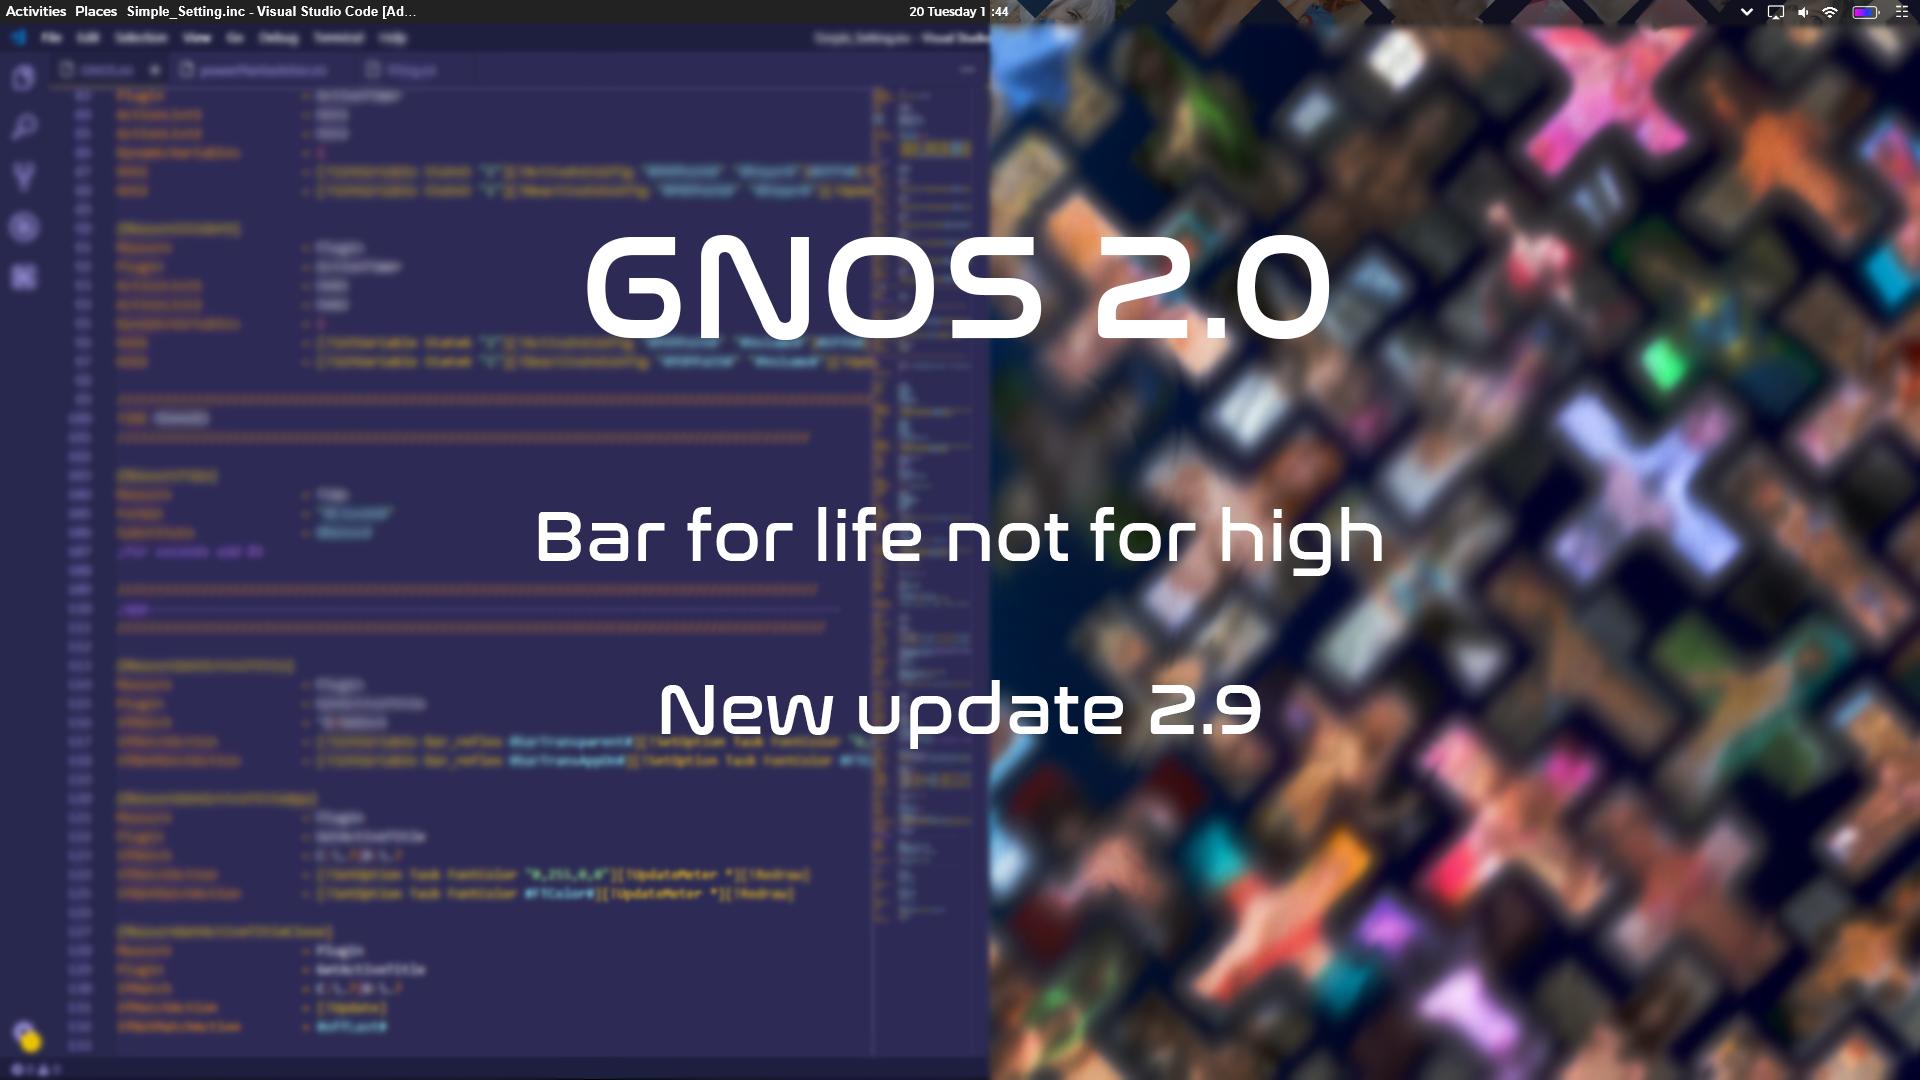 GNOS 2.0